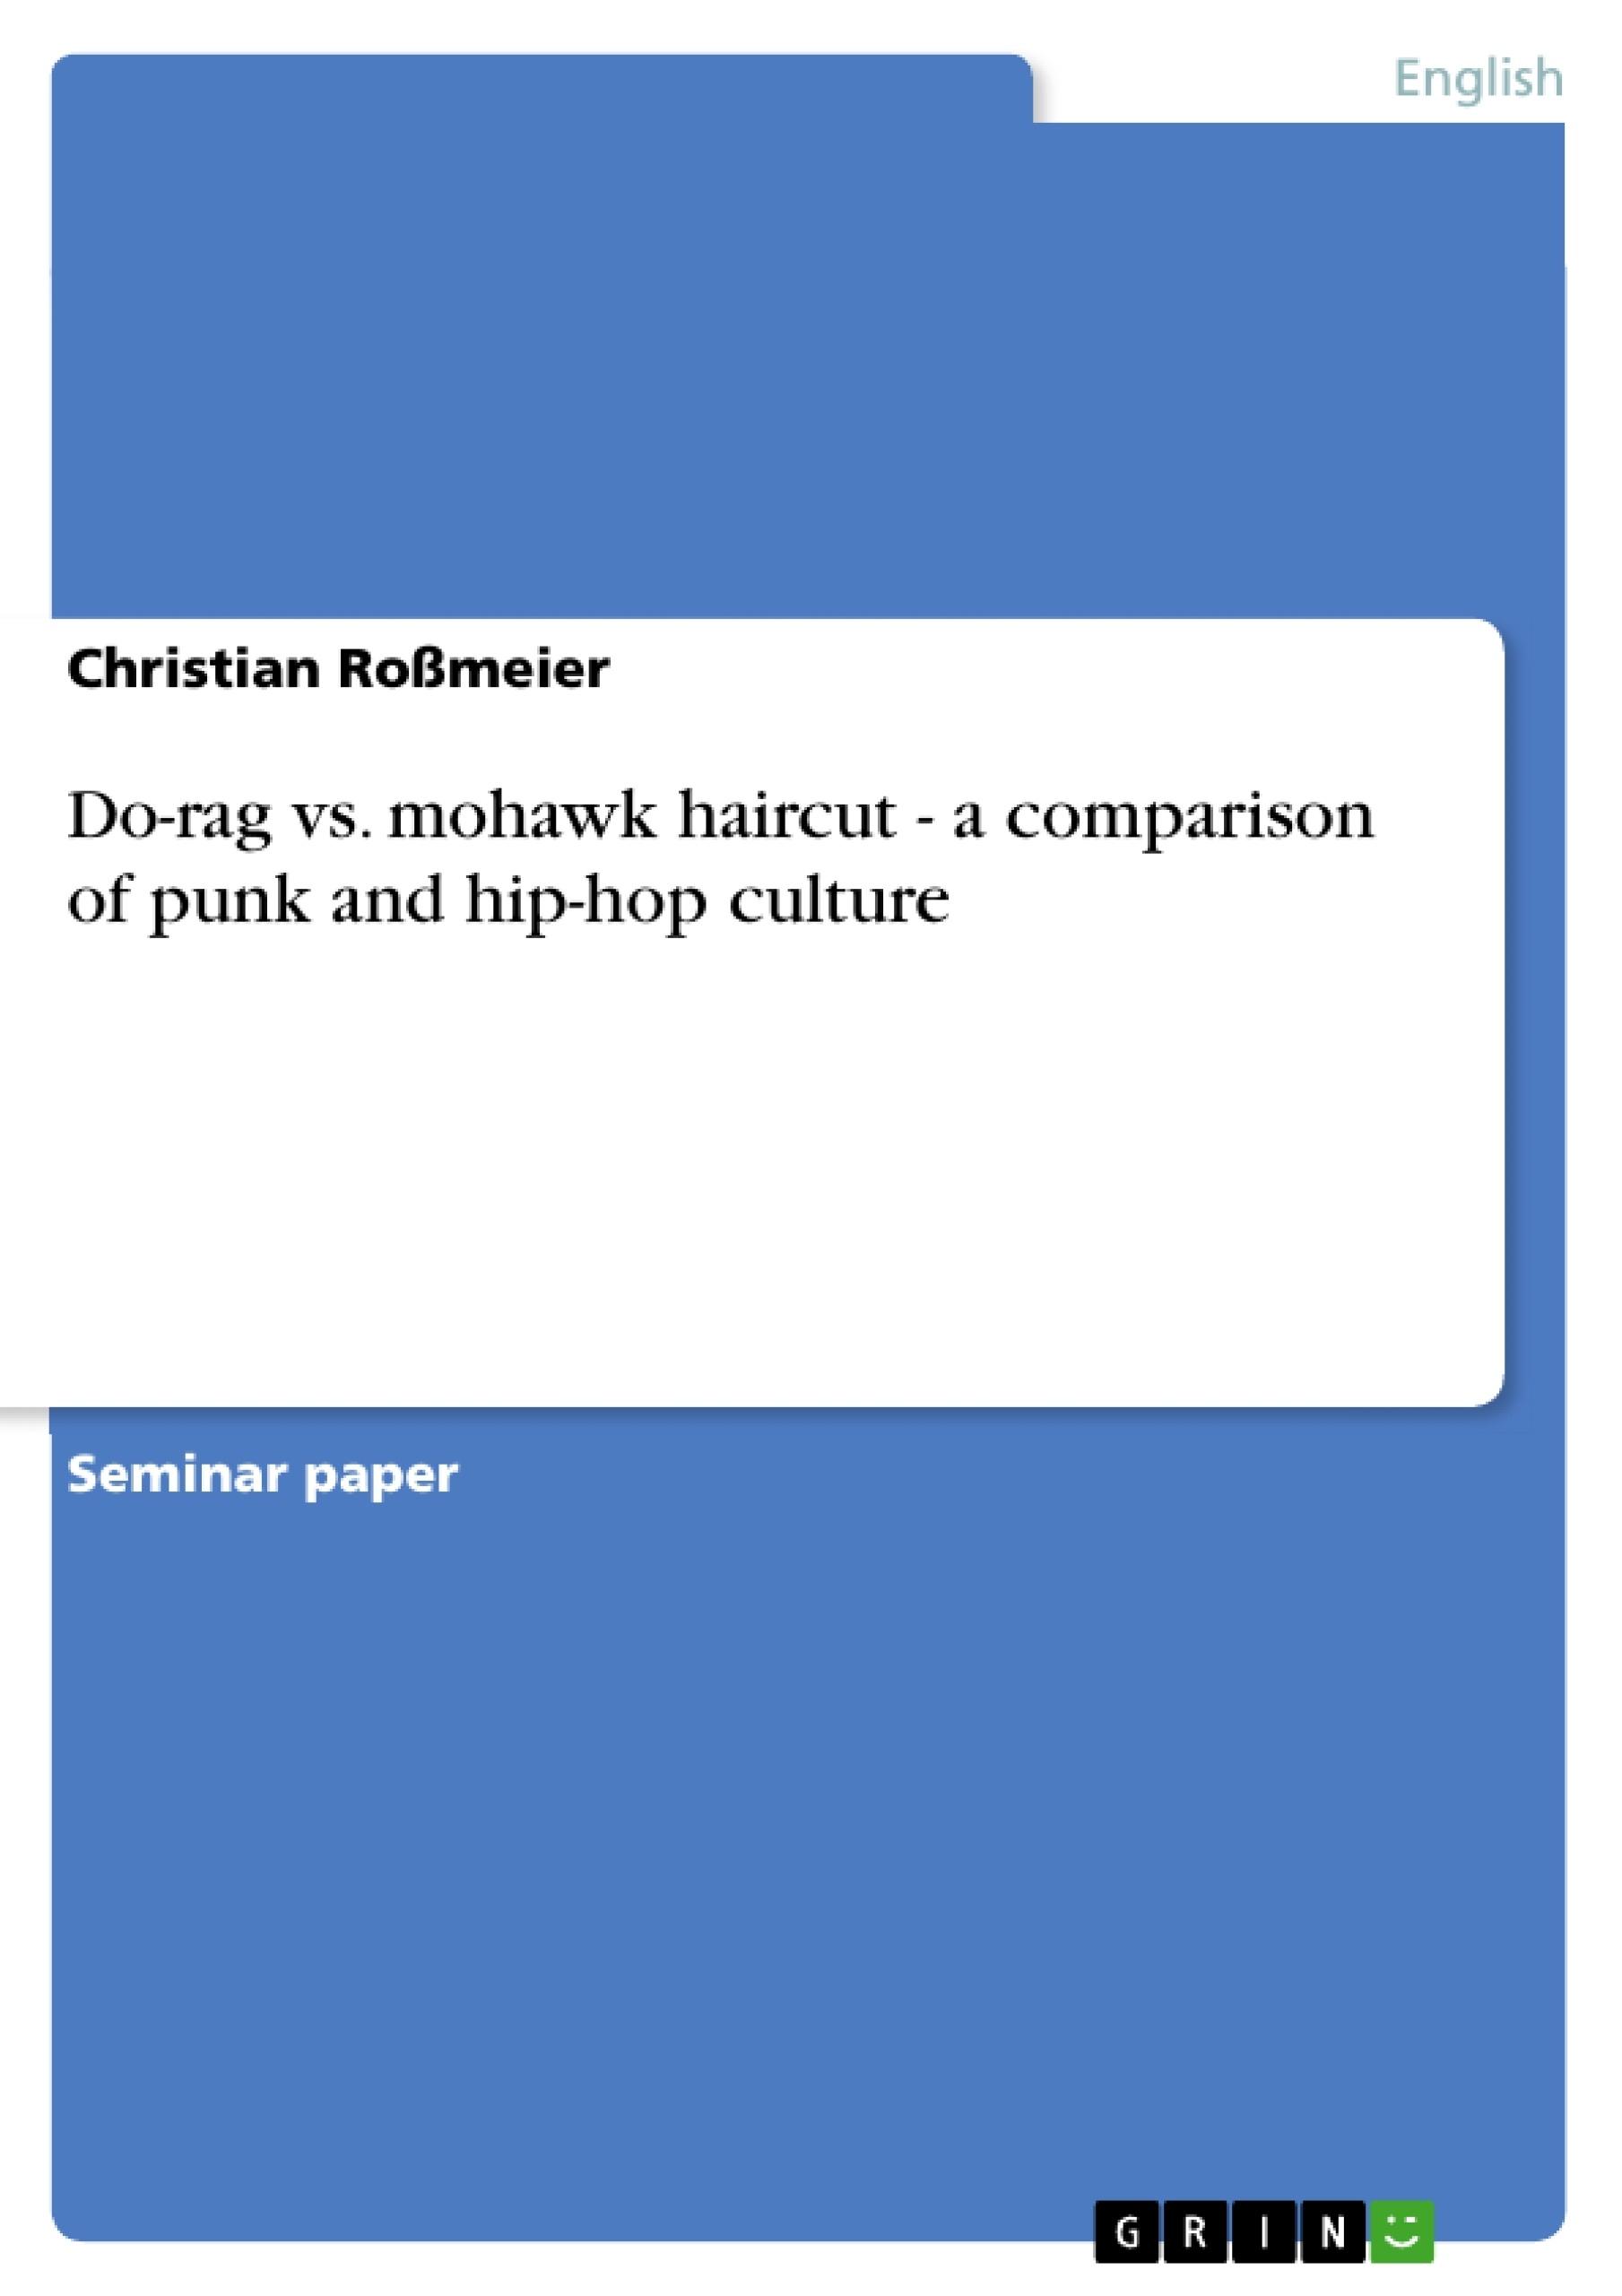 Title: Do-rag vs. mohawk haircut - a comparison of punk and hip-hop culture